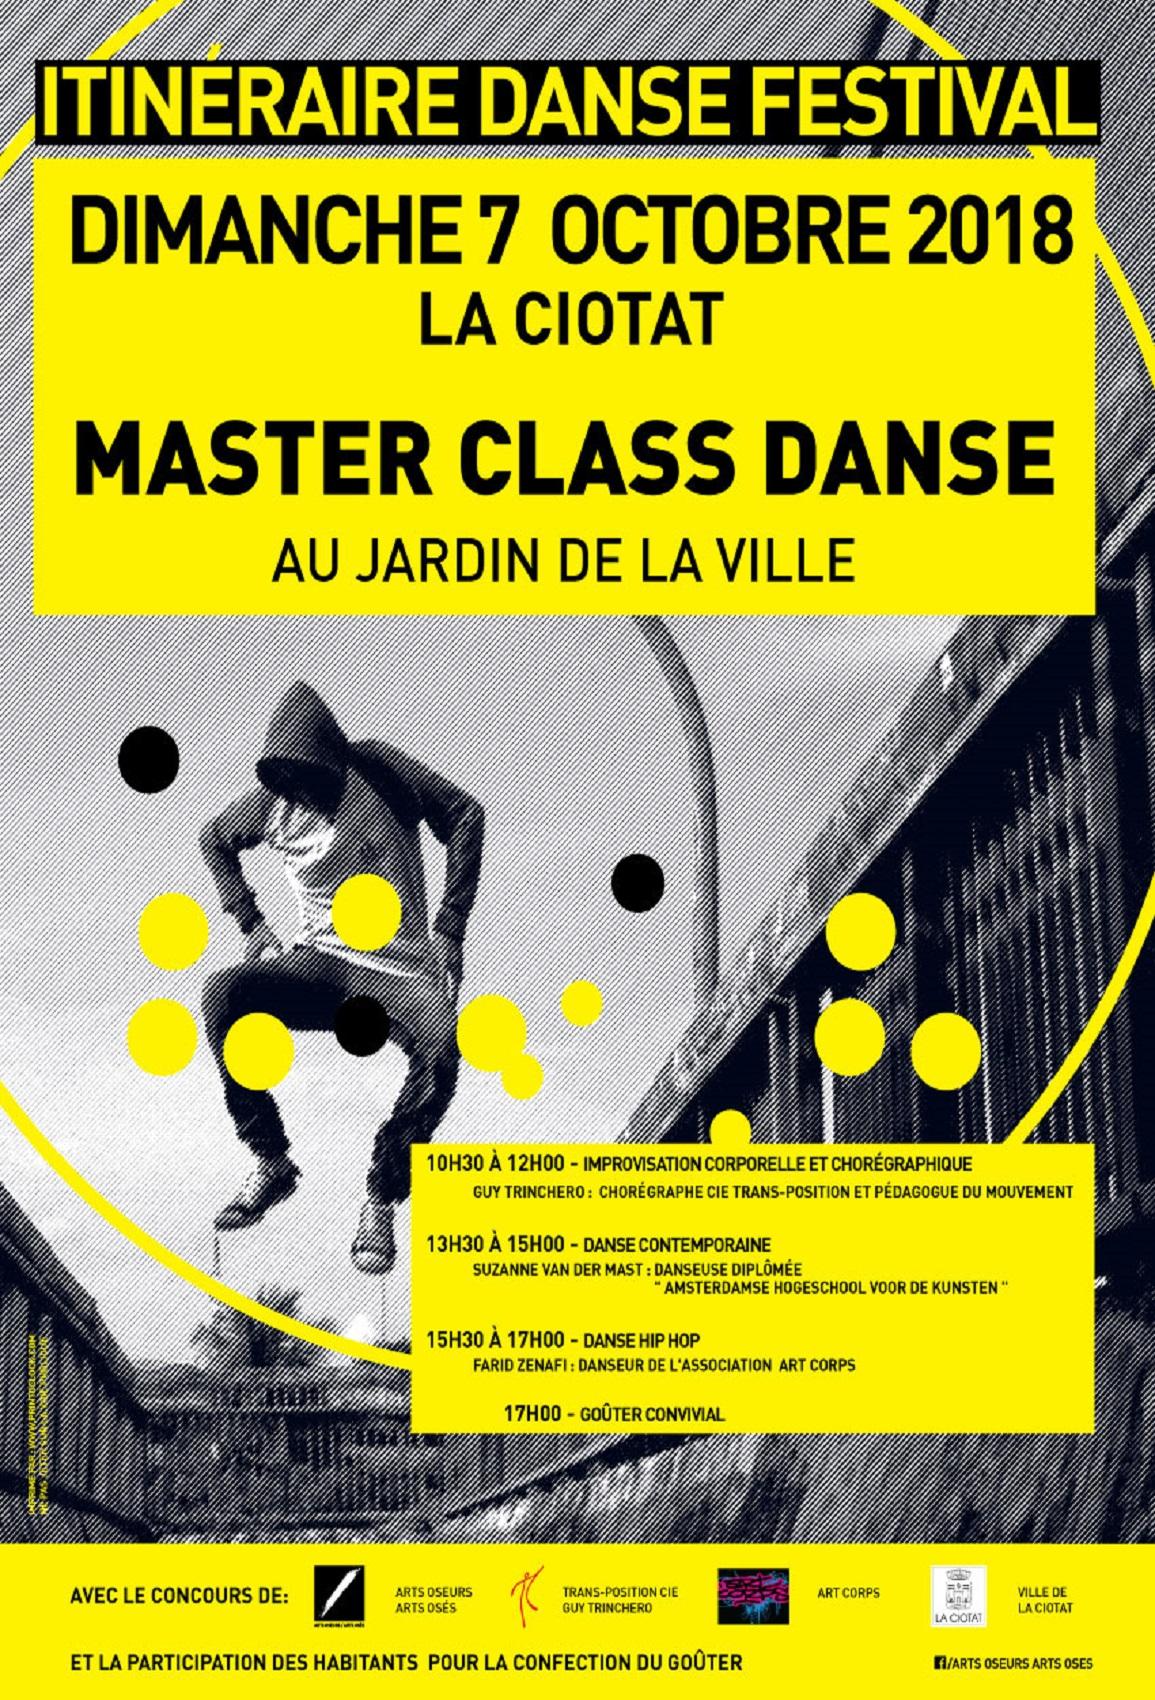 Affiche Itinéraire Danse festival 2018